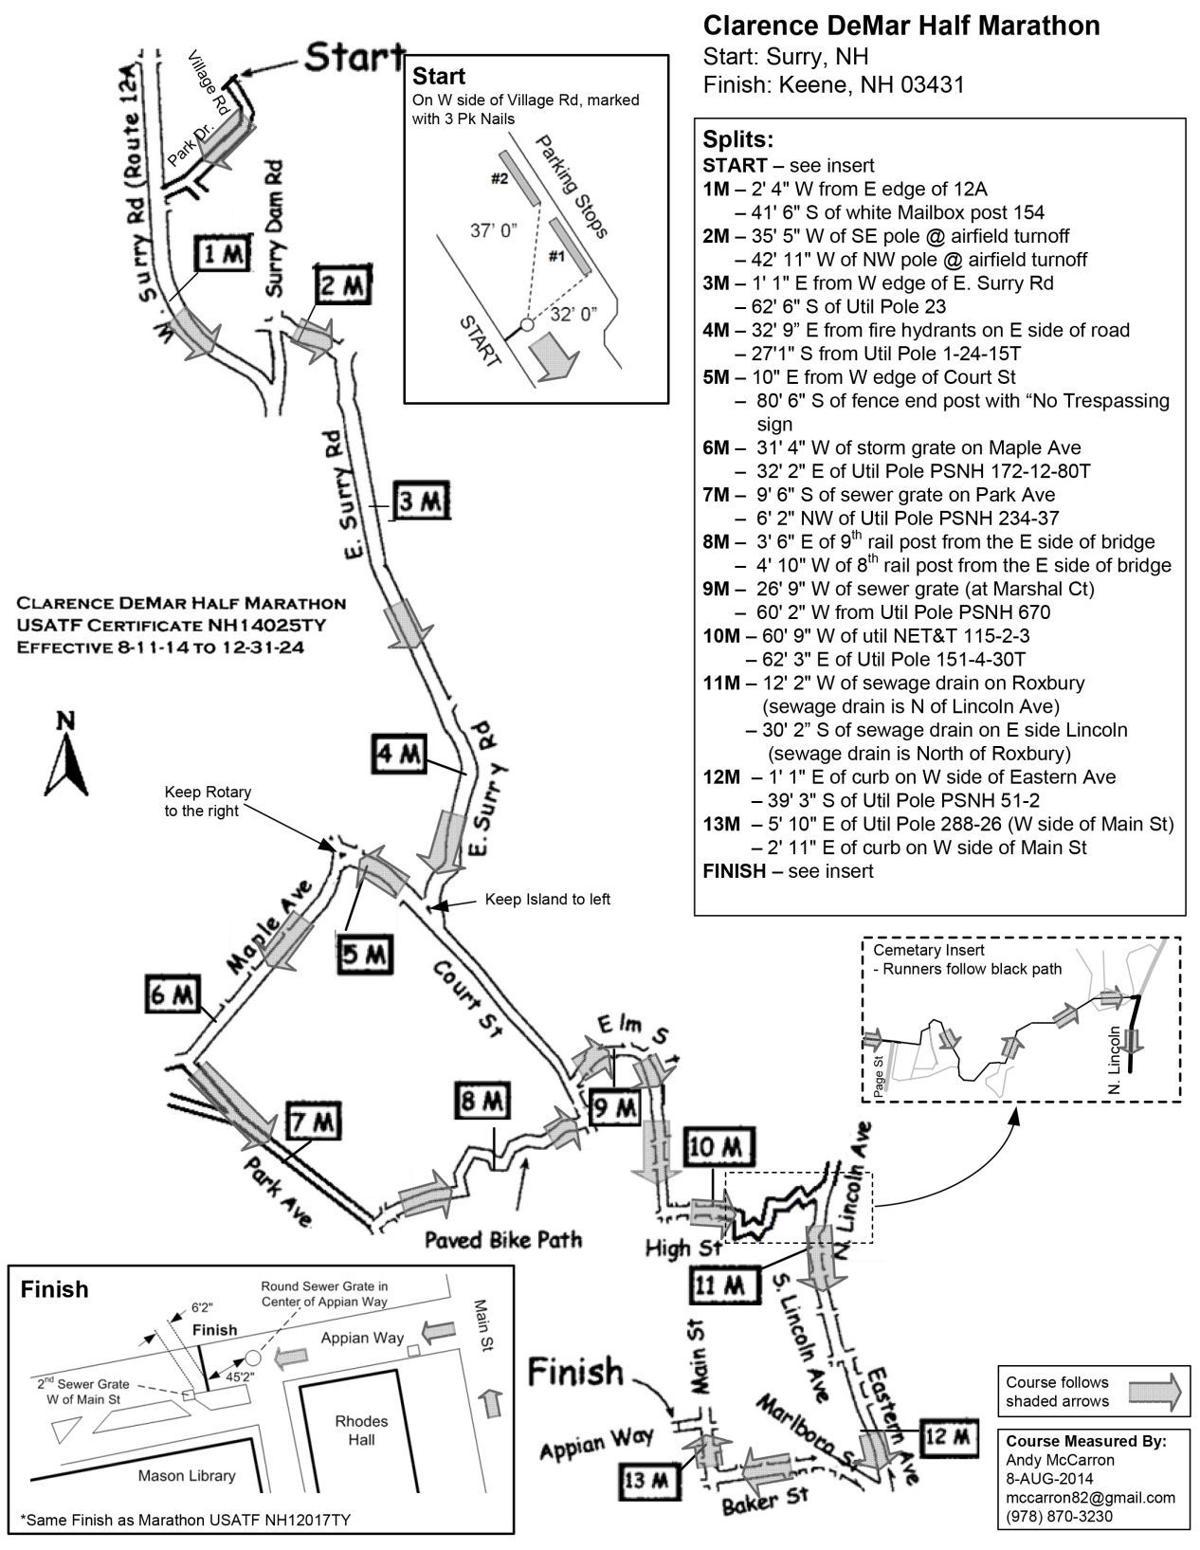 Dream Run:  The DeMar Half Marathon route